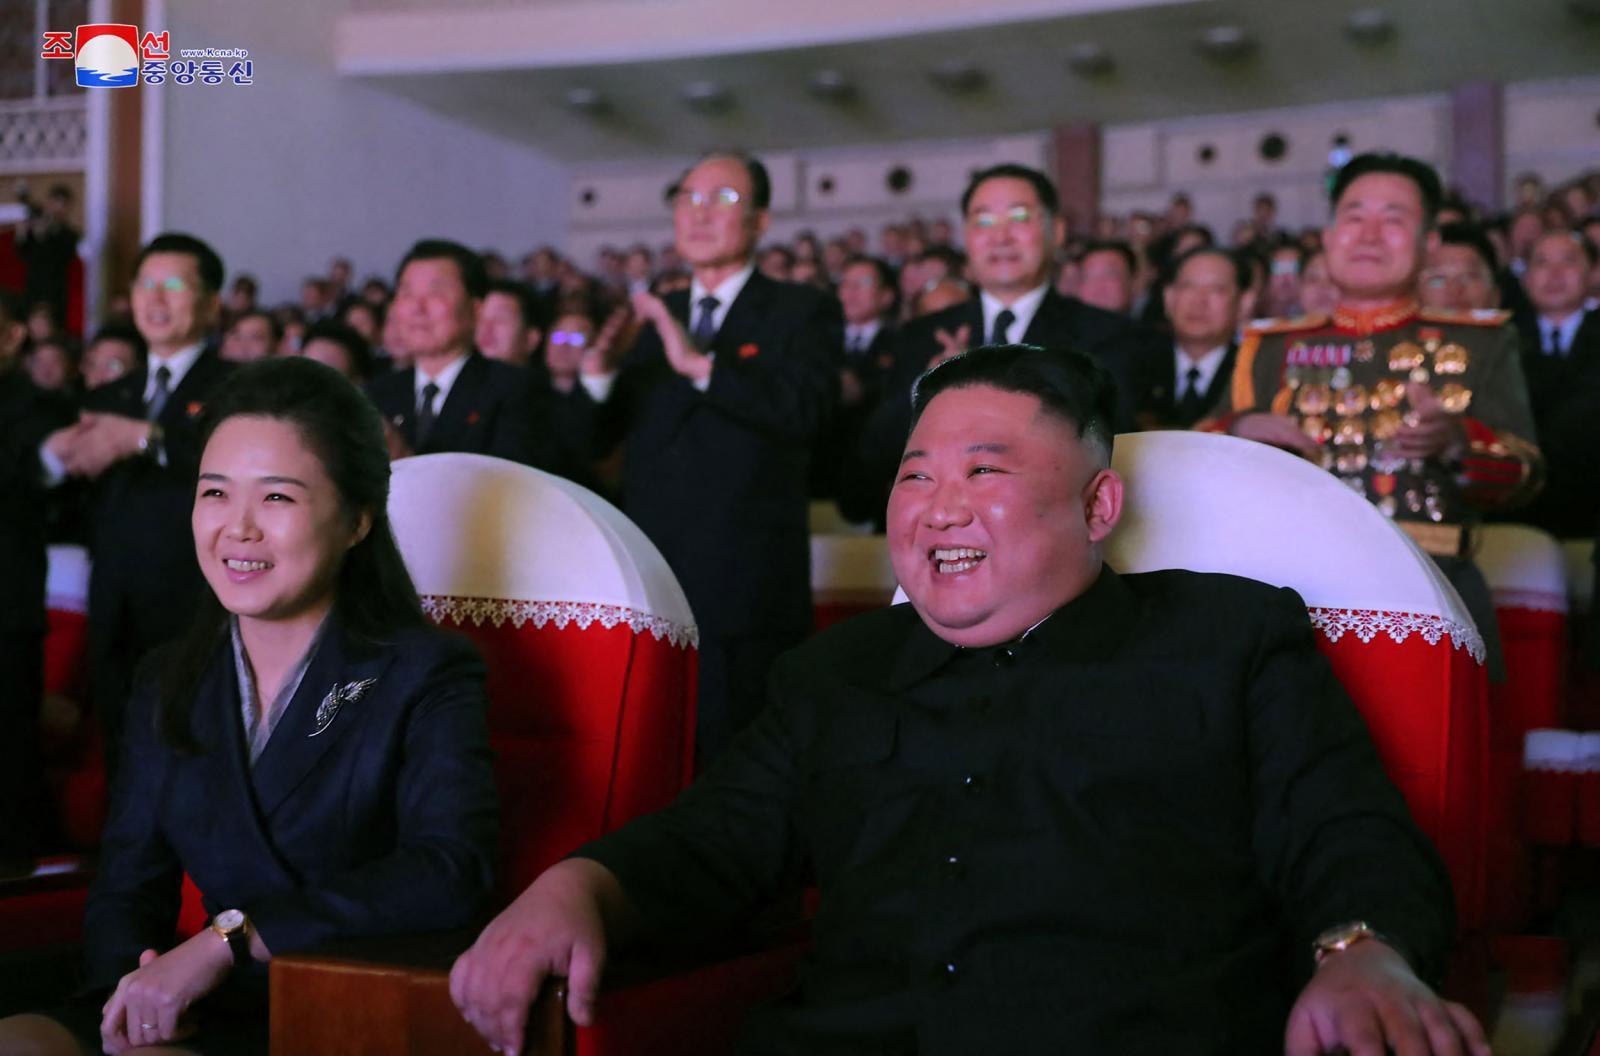 """""""สตรีหมายเลข 1 """"เกาหลีเหนือปรากฏตัว  และการเปลี่ยนมาเรียก """"ประธานาธิบดี คิม จอง อึน"""""""